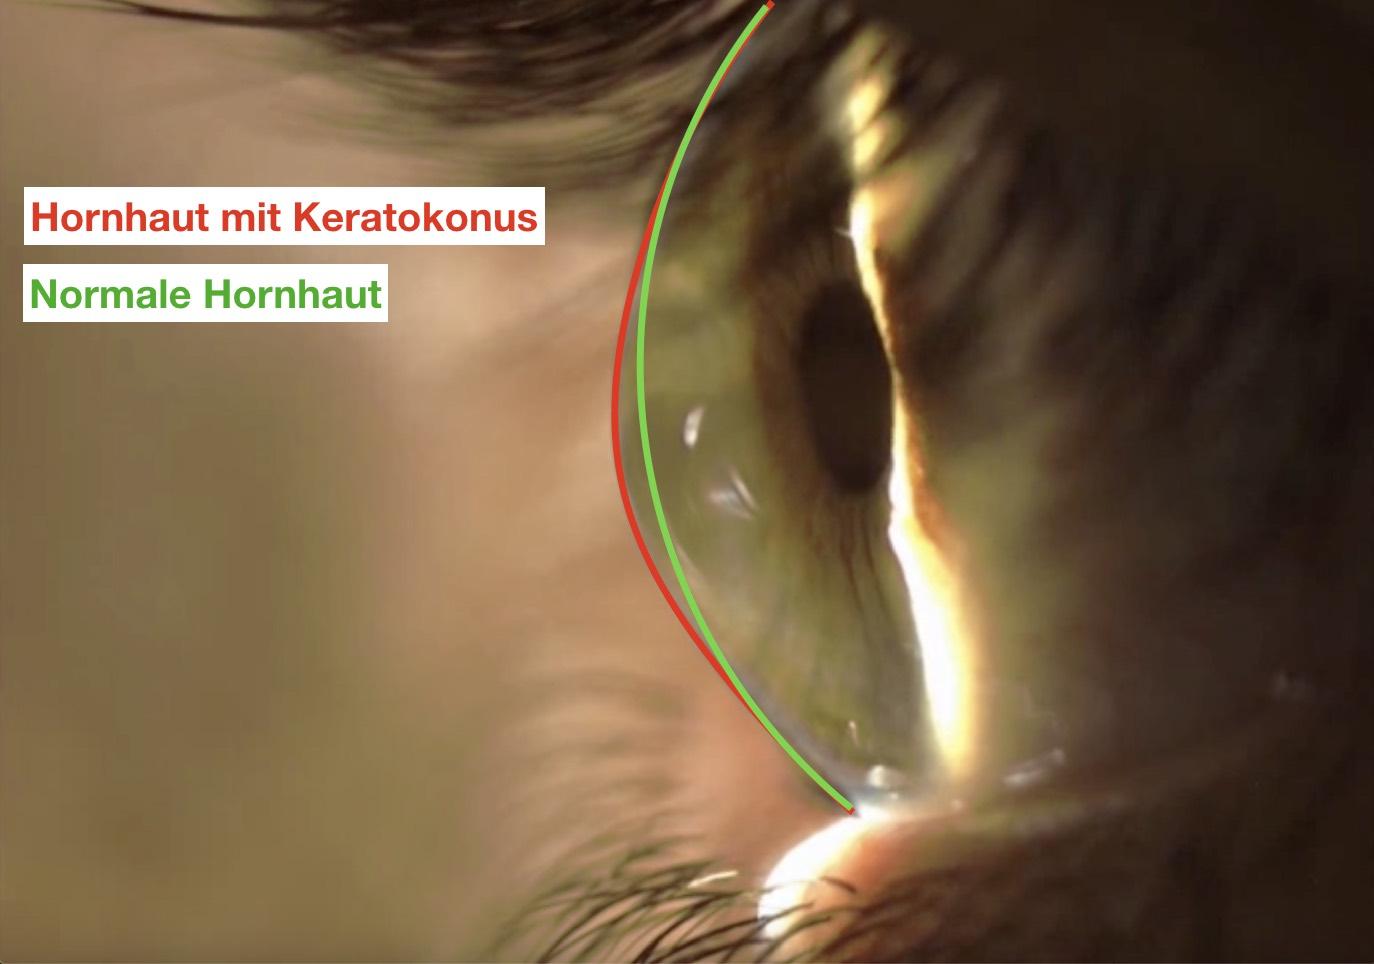 Das Bild zeigt eine normale Hornhaut von der Form im Vergleich zu einer Form mit Keratokonus